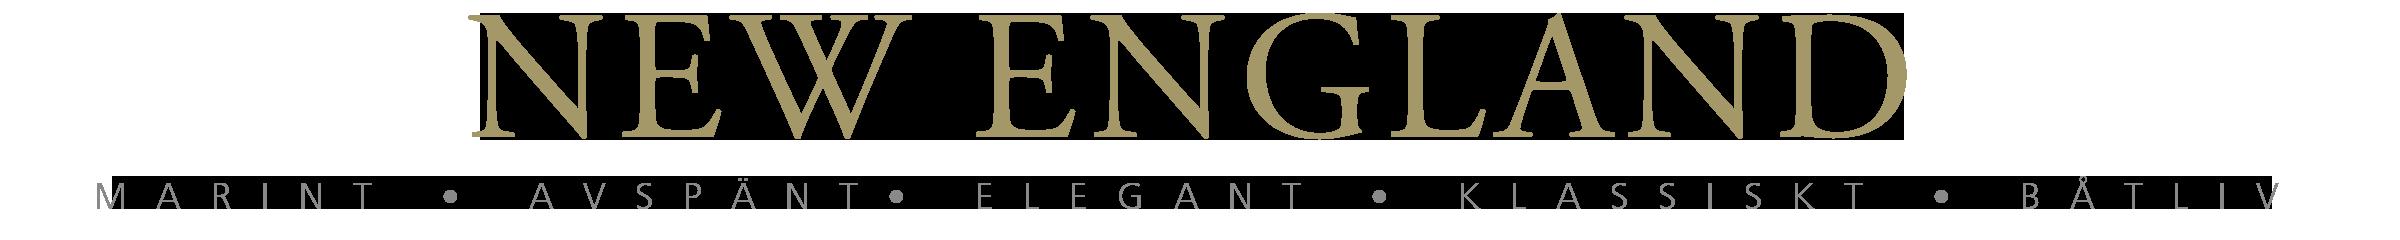 New England Retina Logo